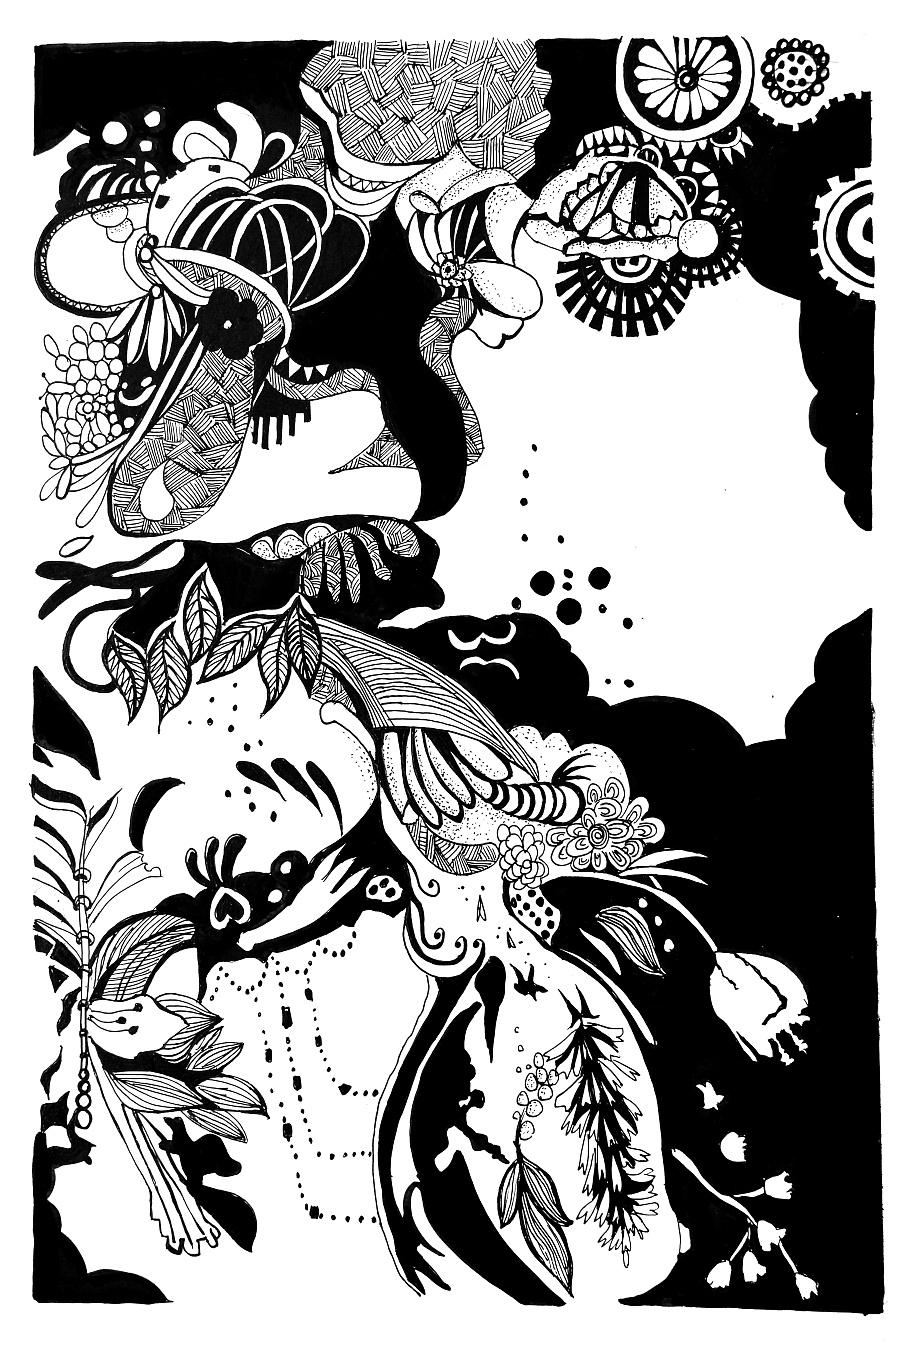 手绘插画|绘画习作|插画|牛淑玉